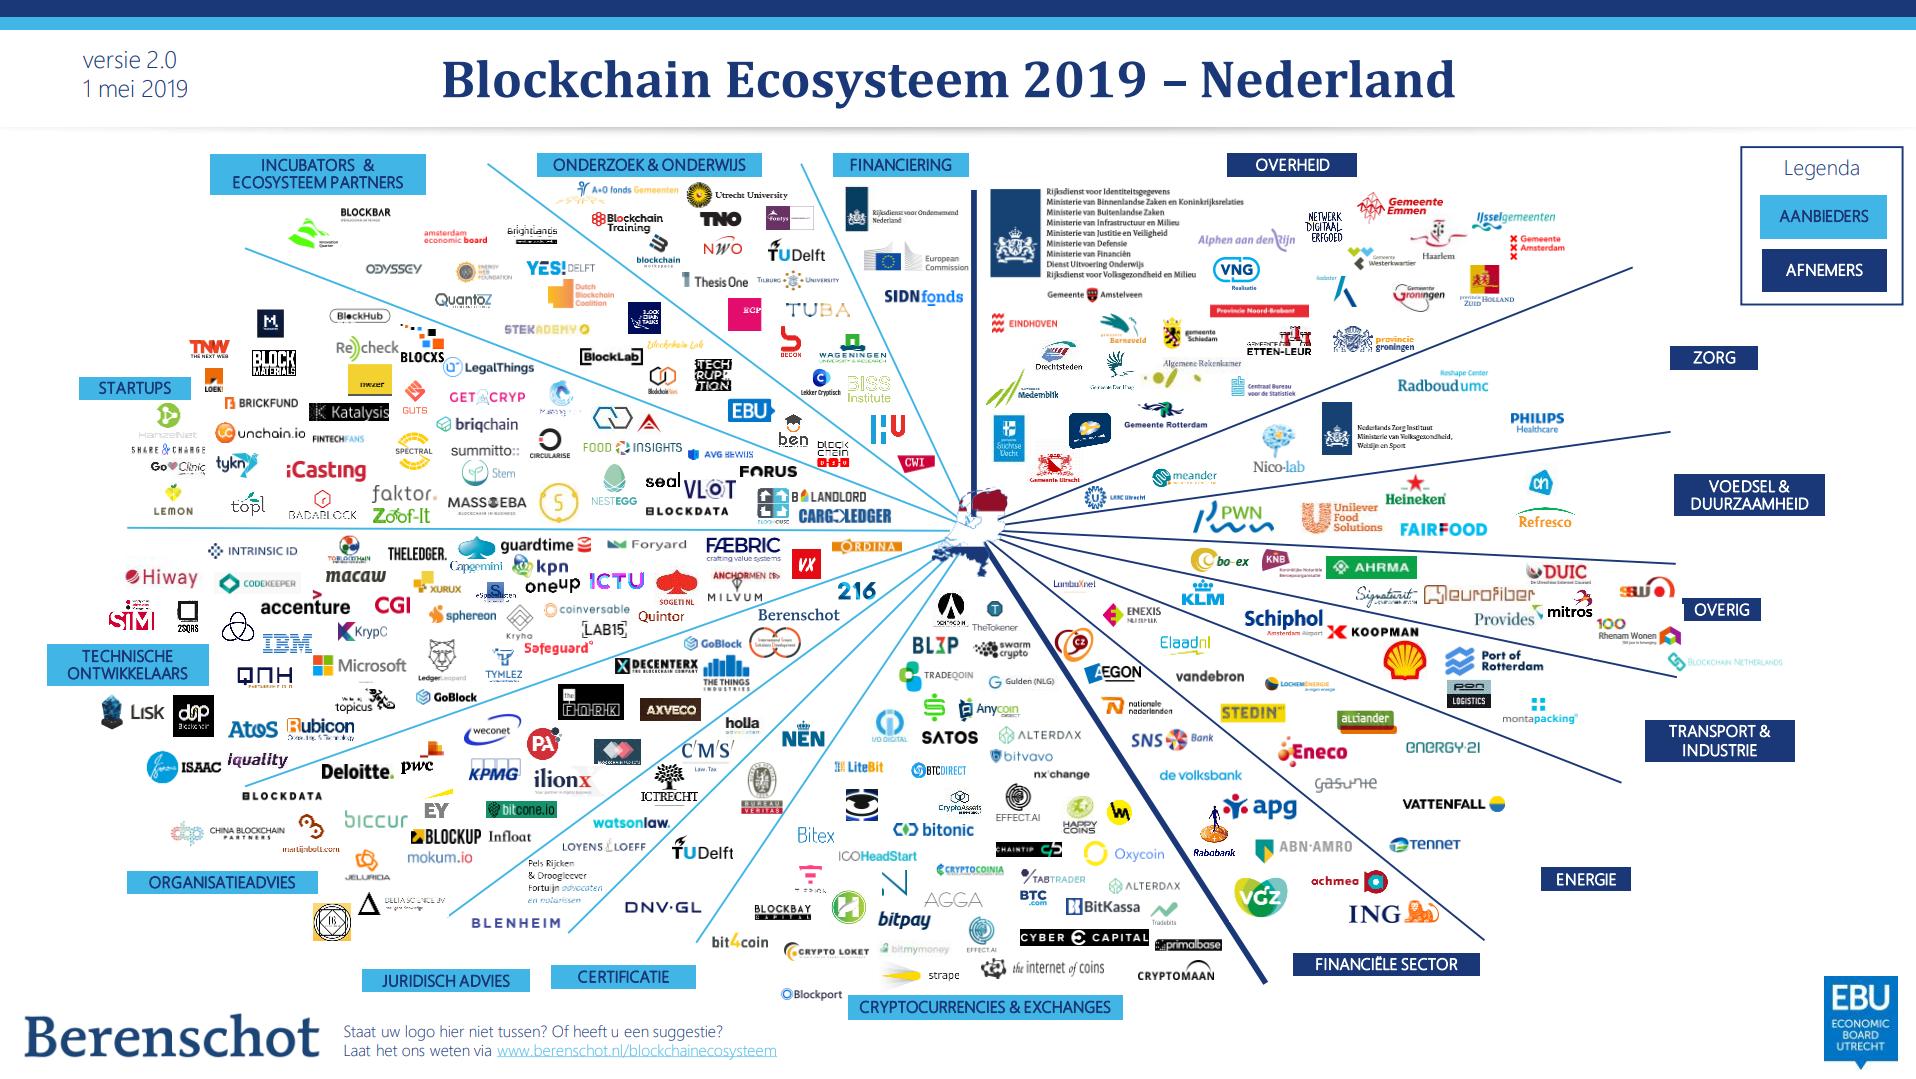 Een overzicht van de verschillende bedrijven, actief in de blockchain-sector.